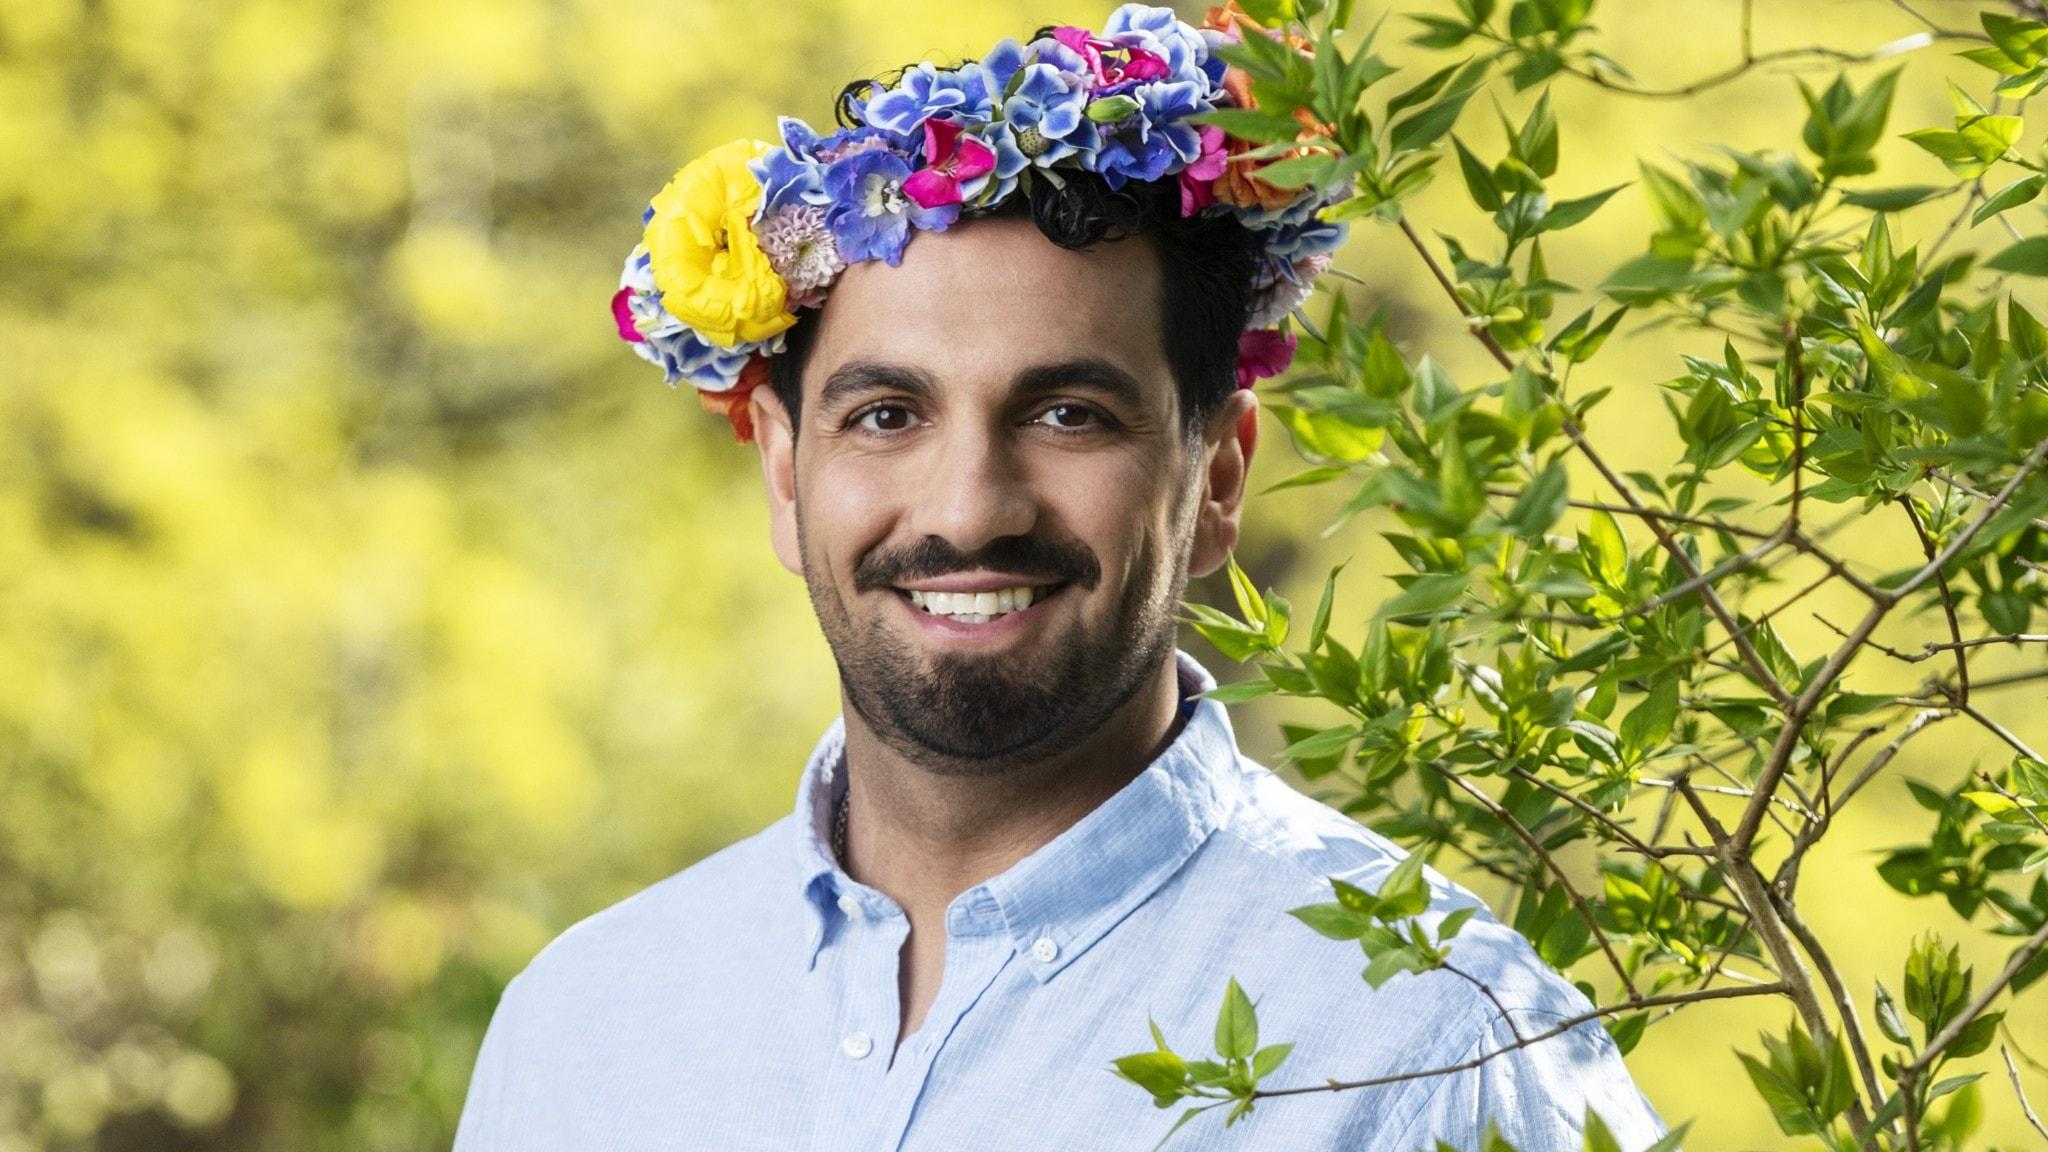 Nadim Ghazale med blomsterkrans på huvudet.